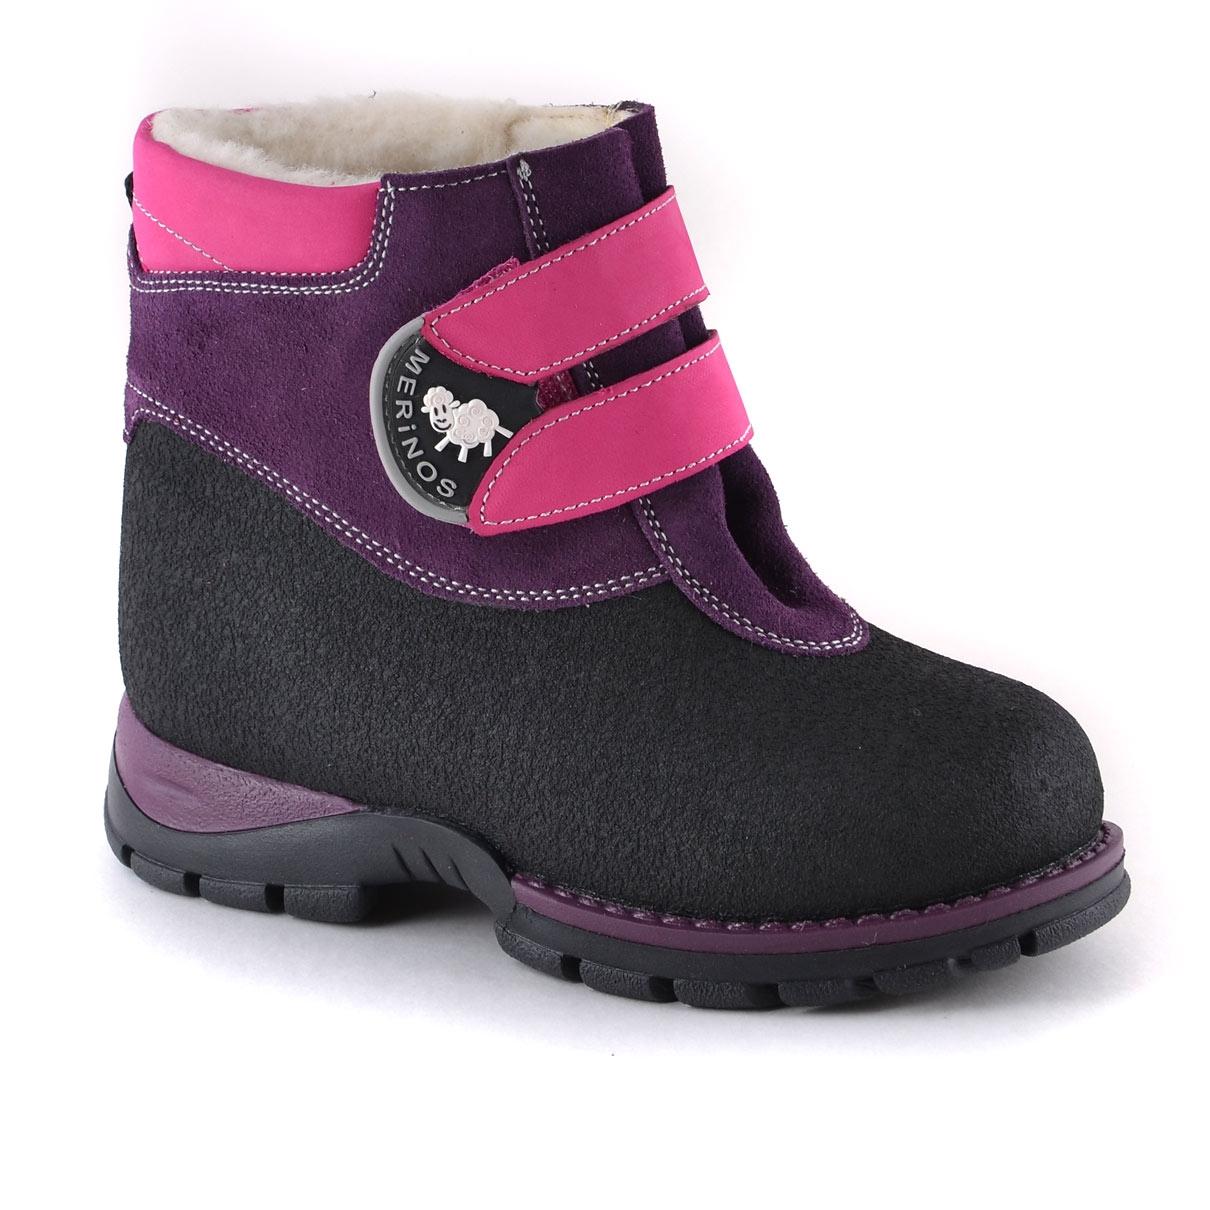 Купить со скидкой Ботинки дошкольно-школьные для девочки Детский Скороход, фиолетово-розовые с черной отделкой